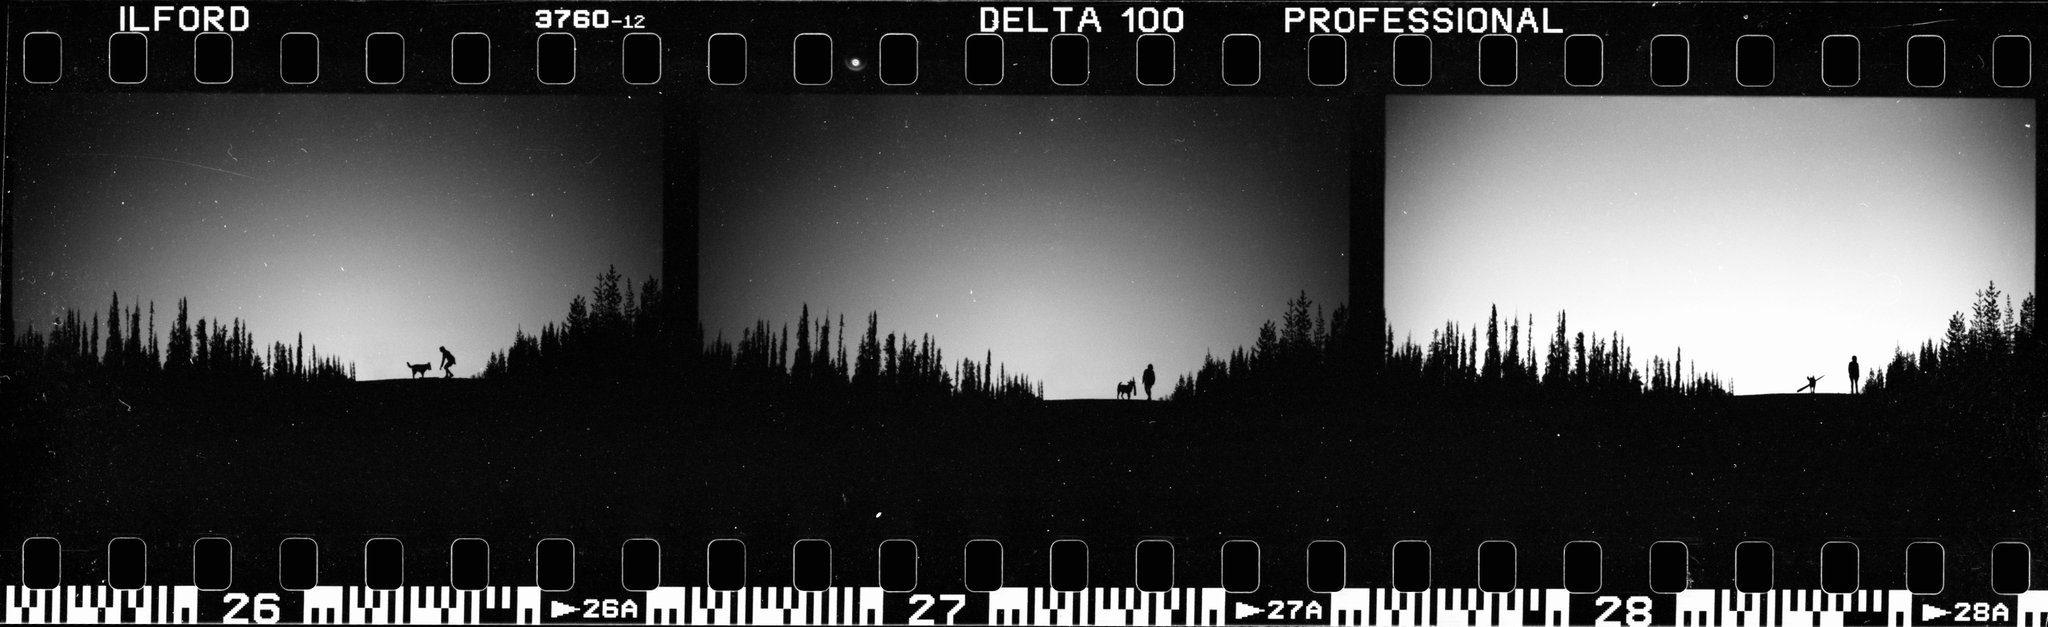 @leder_filmmy all time favorite strip of film Ilford delta pro 100 processed w/ @ILFORDPhoto ddx developer #ddxdev